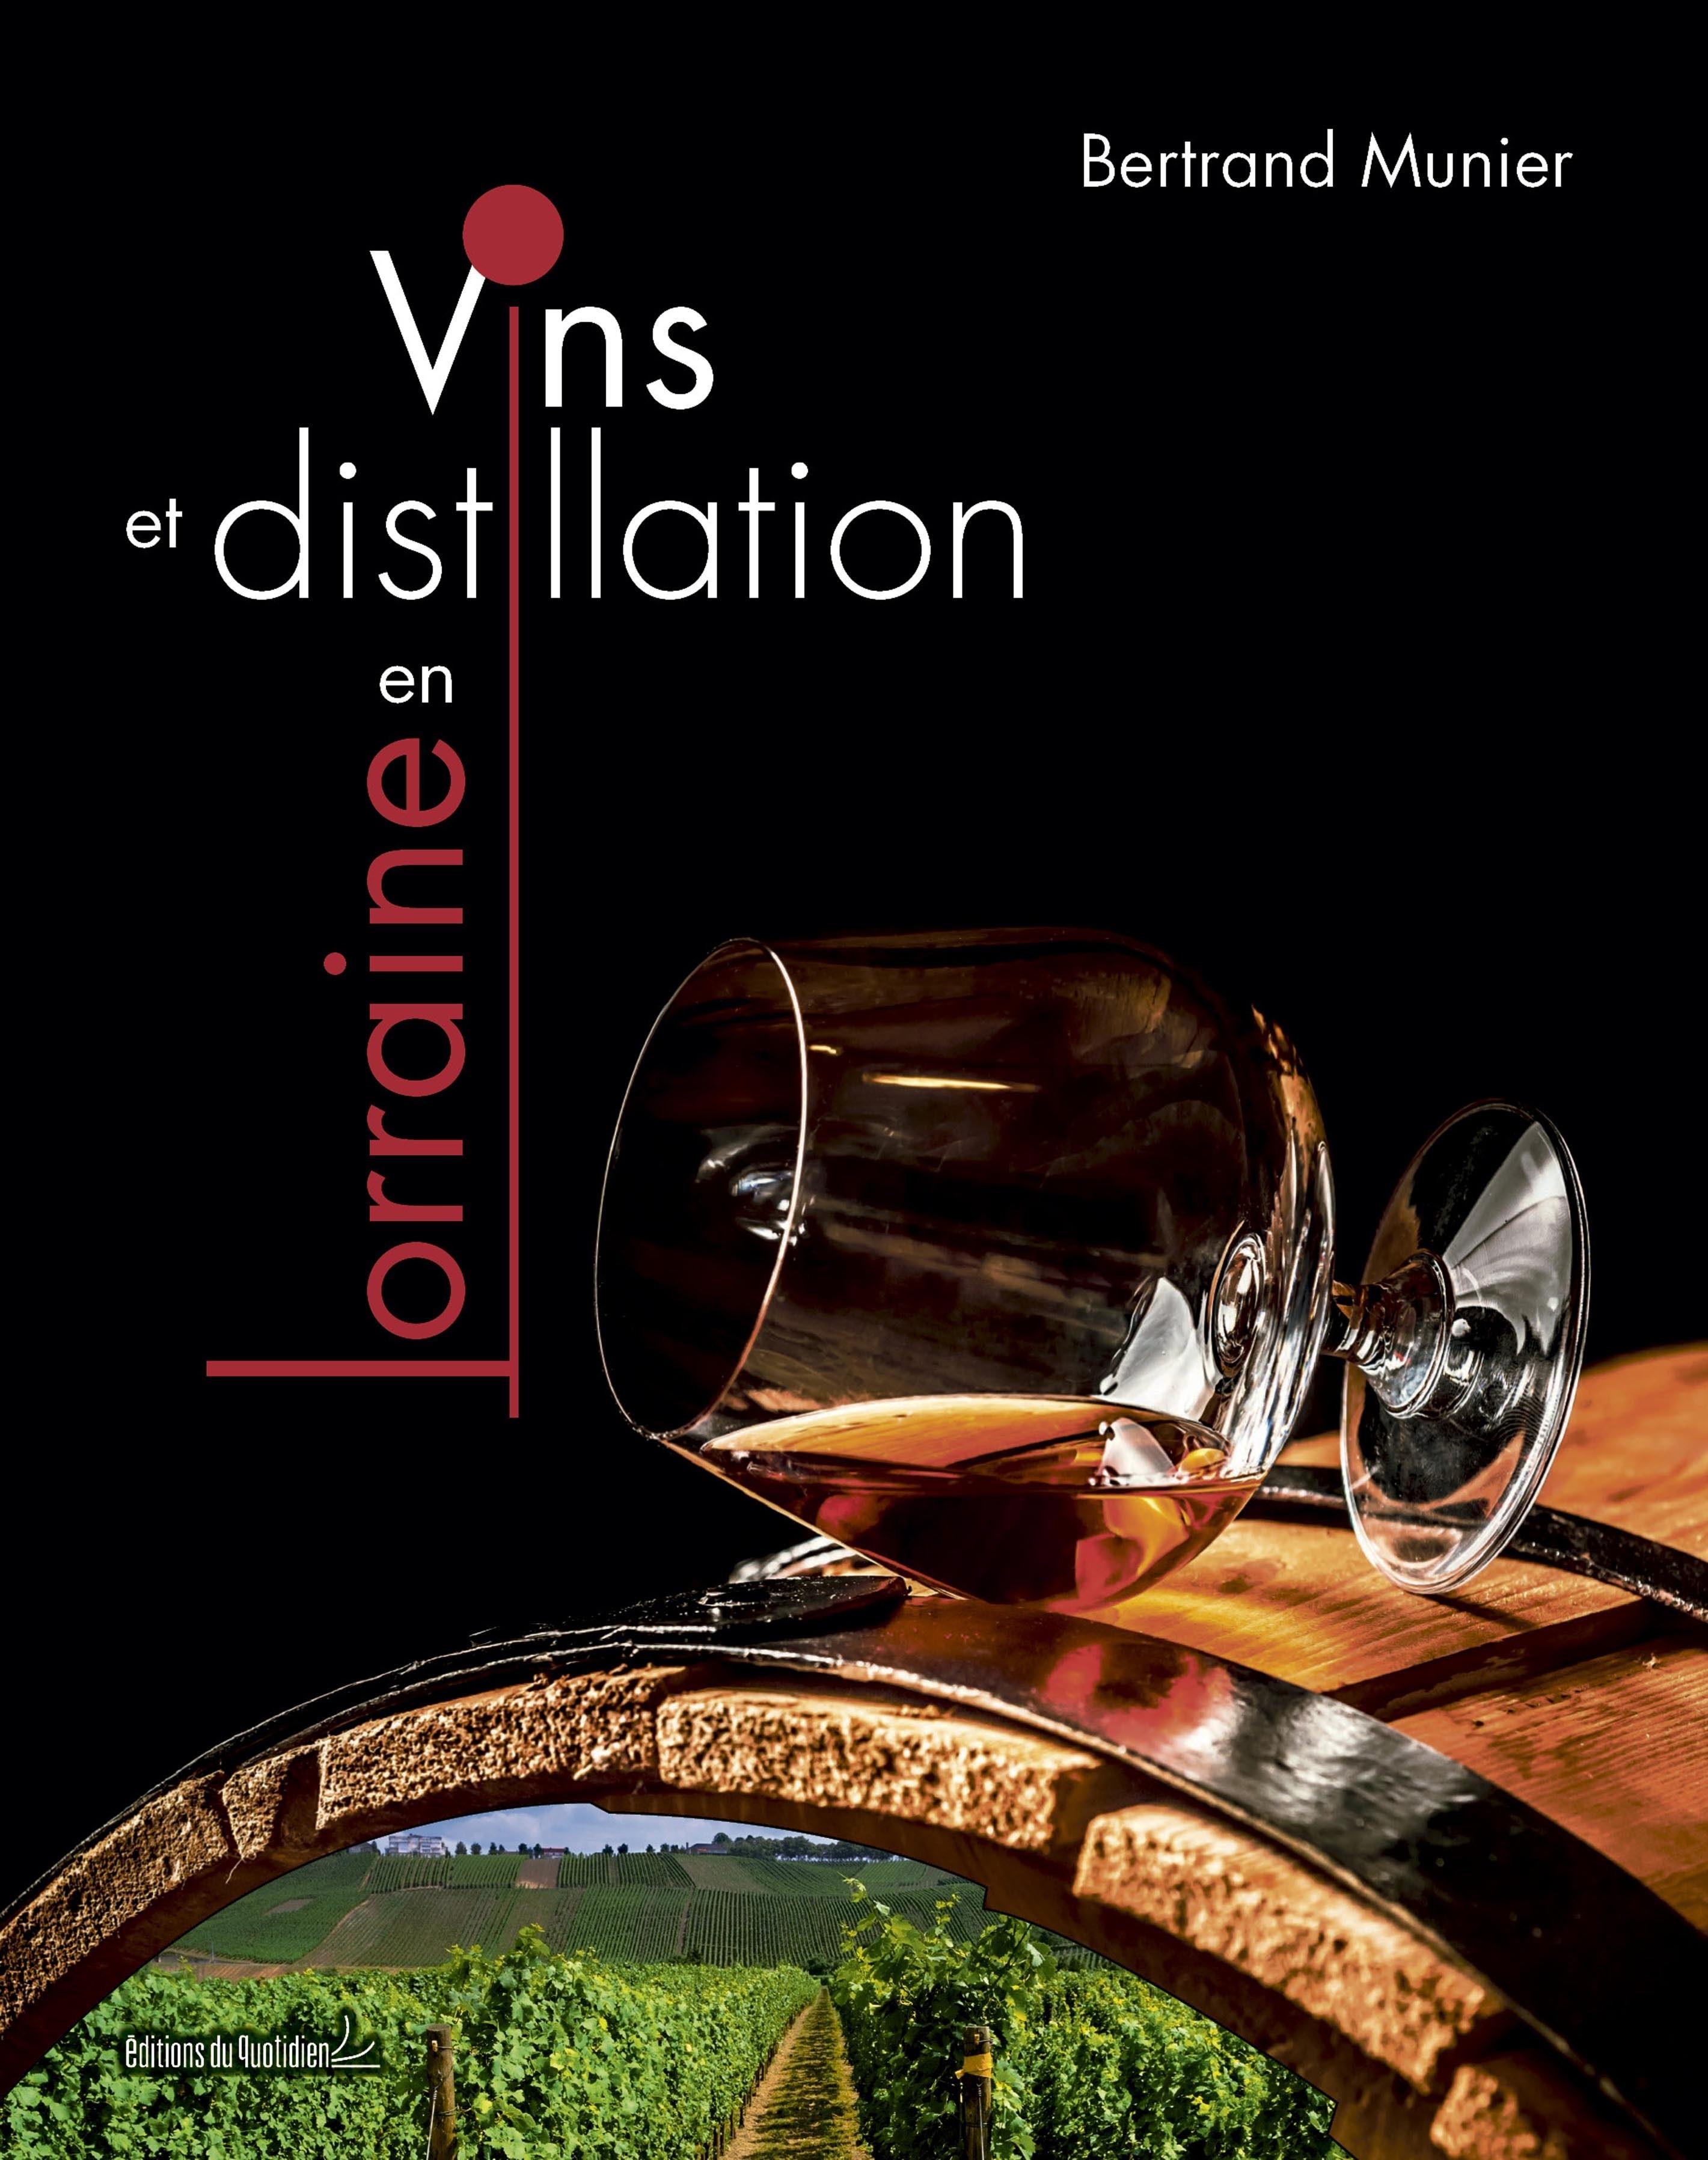 Vins et distillation en Lorraine